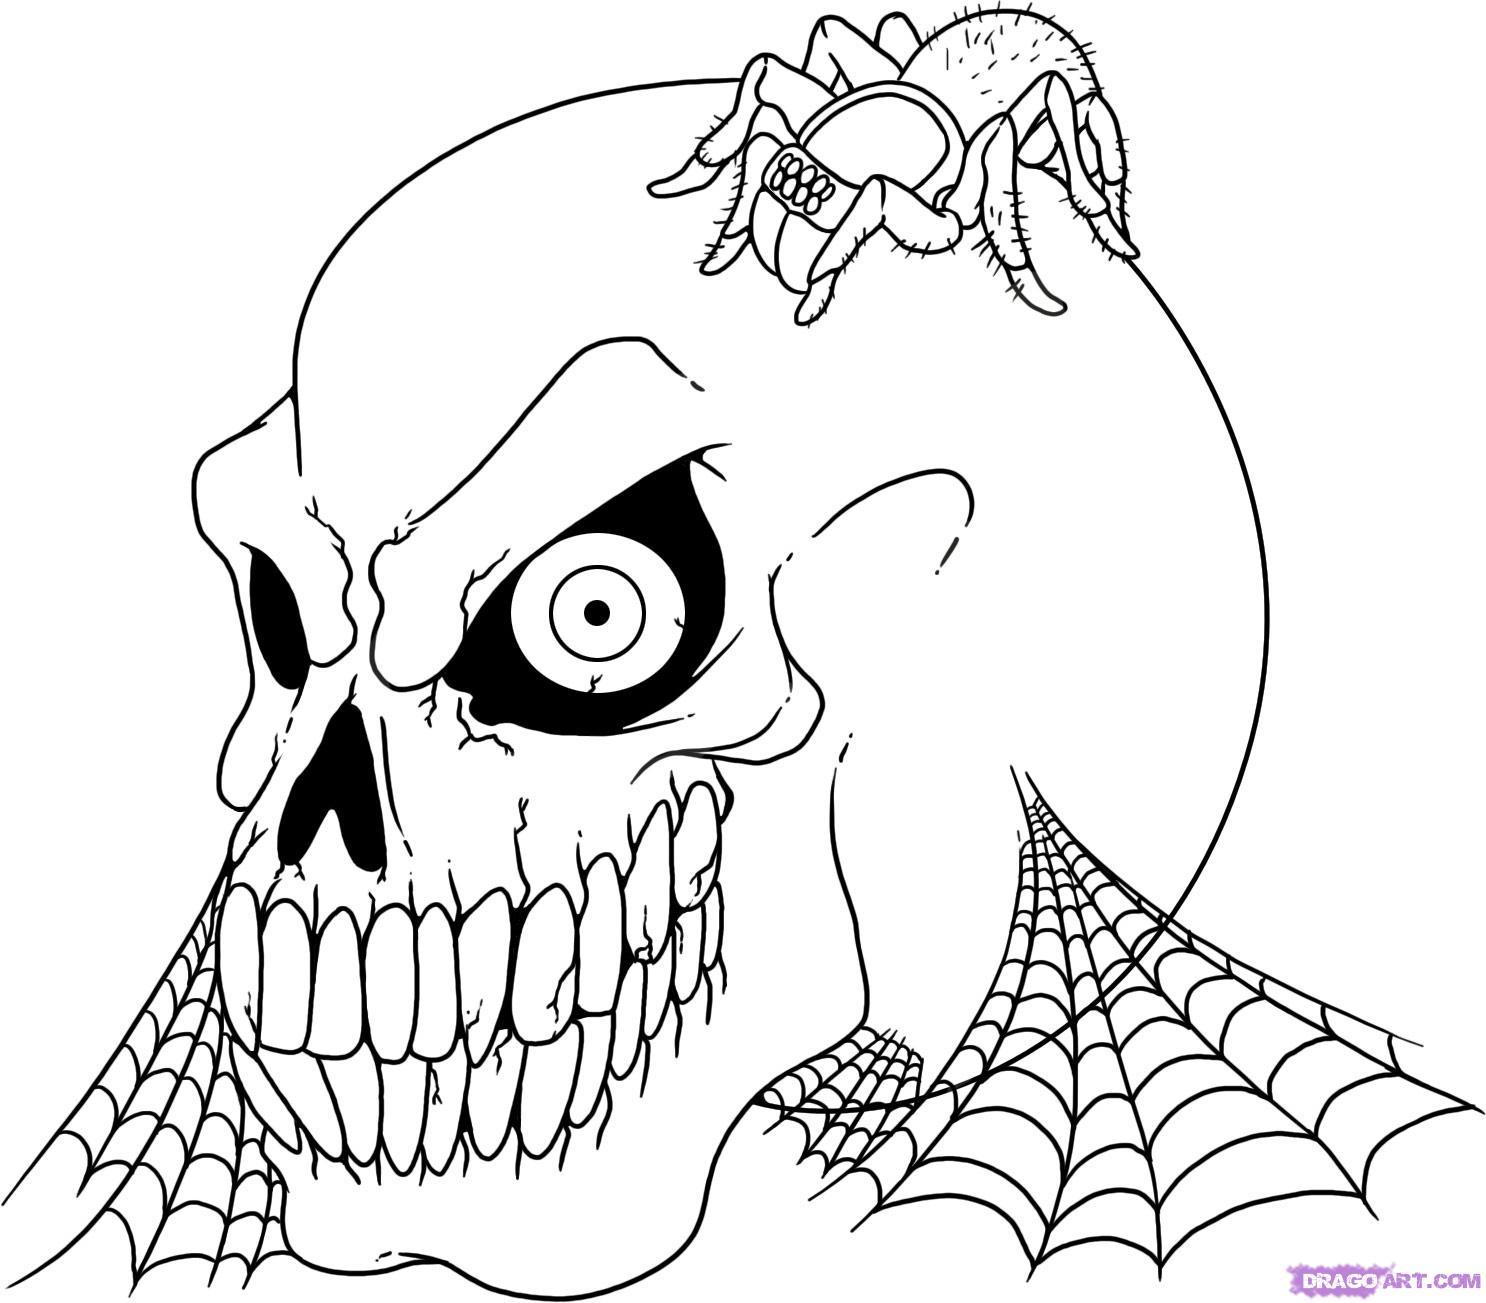 Drawn skeleton halloween Drawings  Cool Halloween Drawings